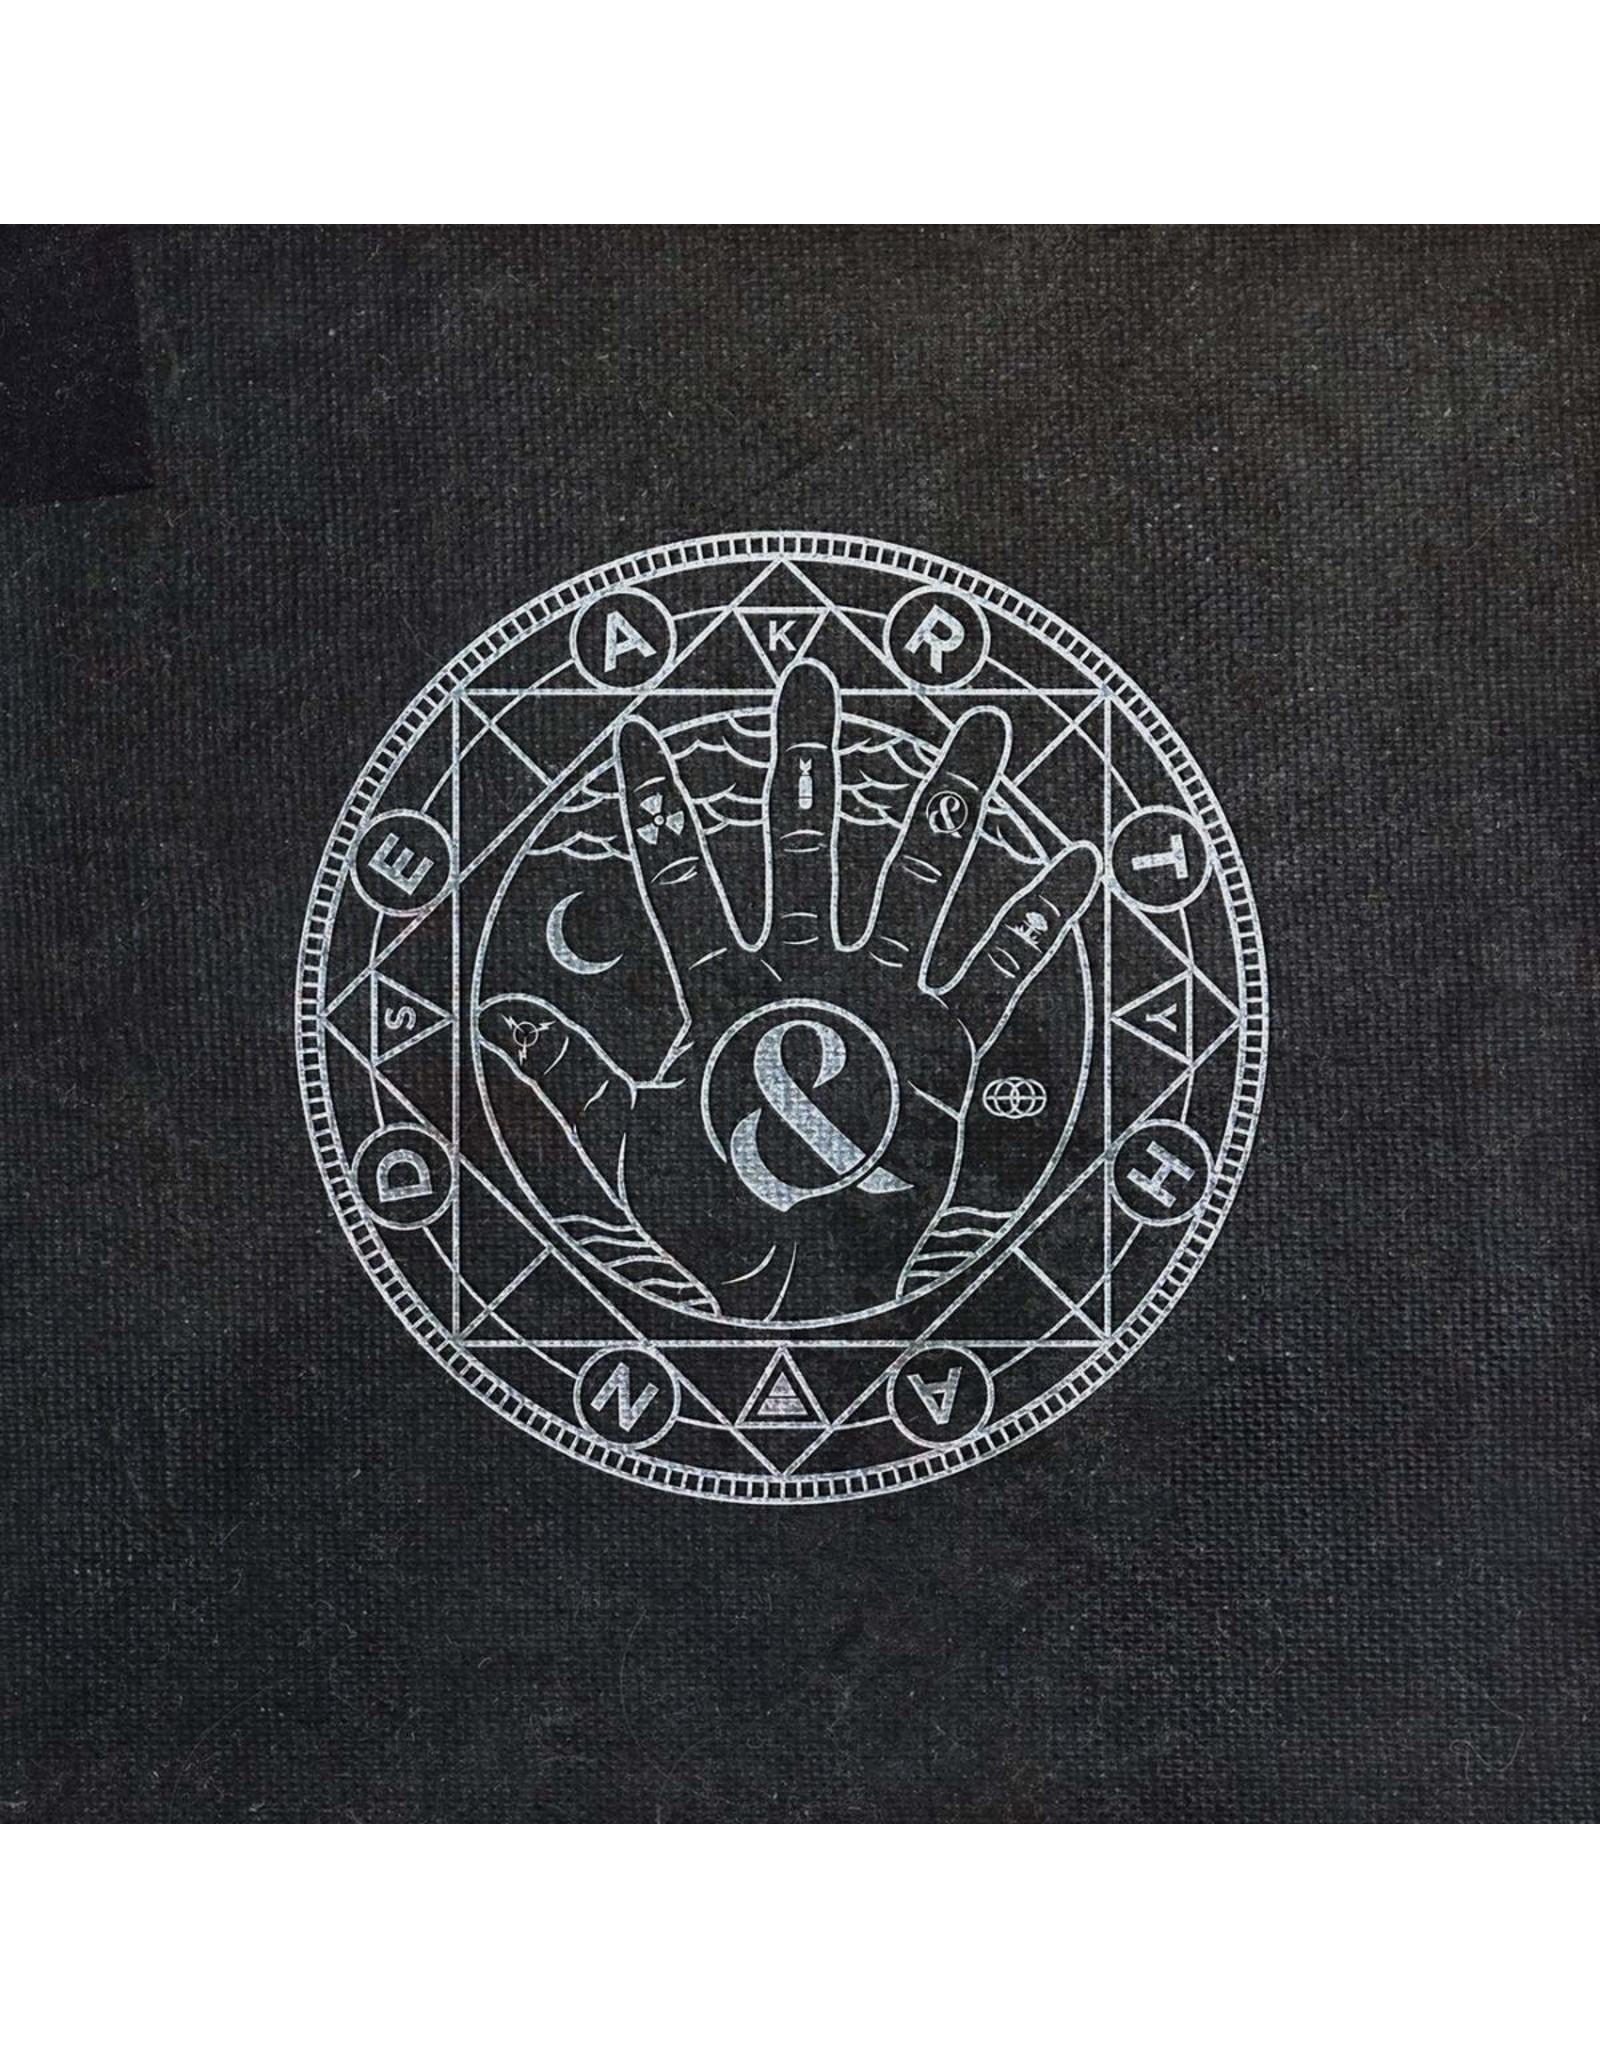 Of Mice & Men - Earthandsky CD